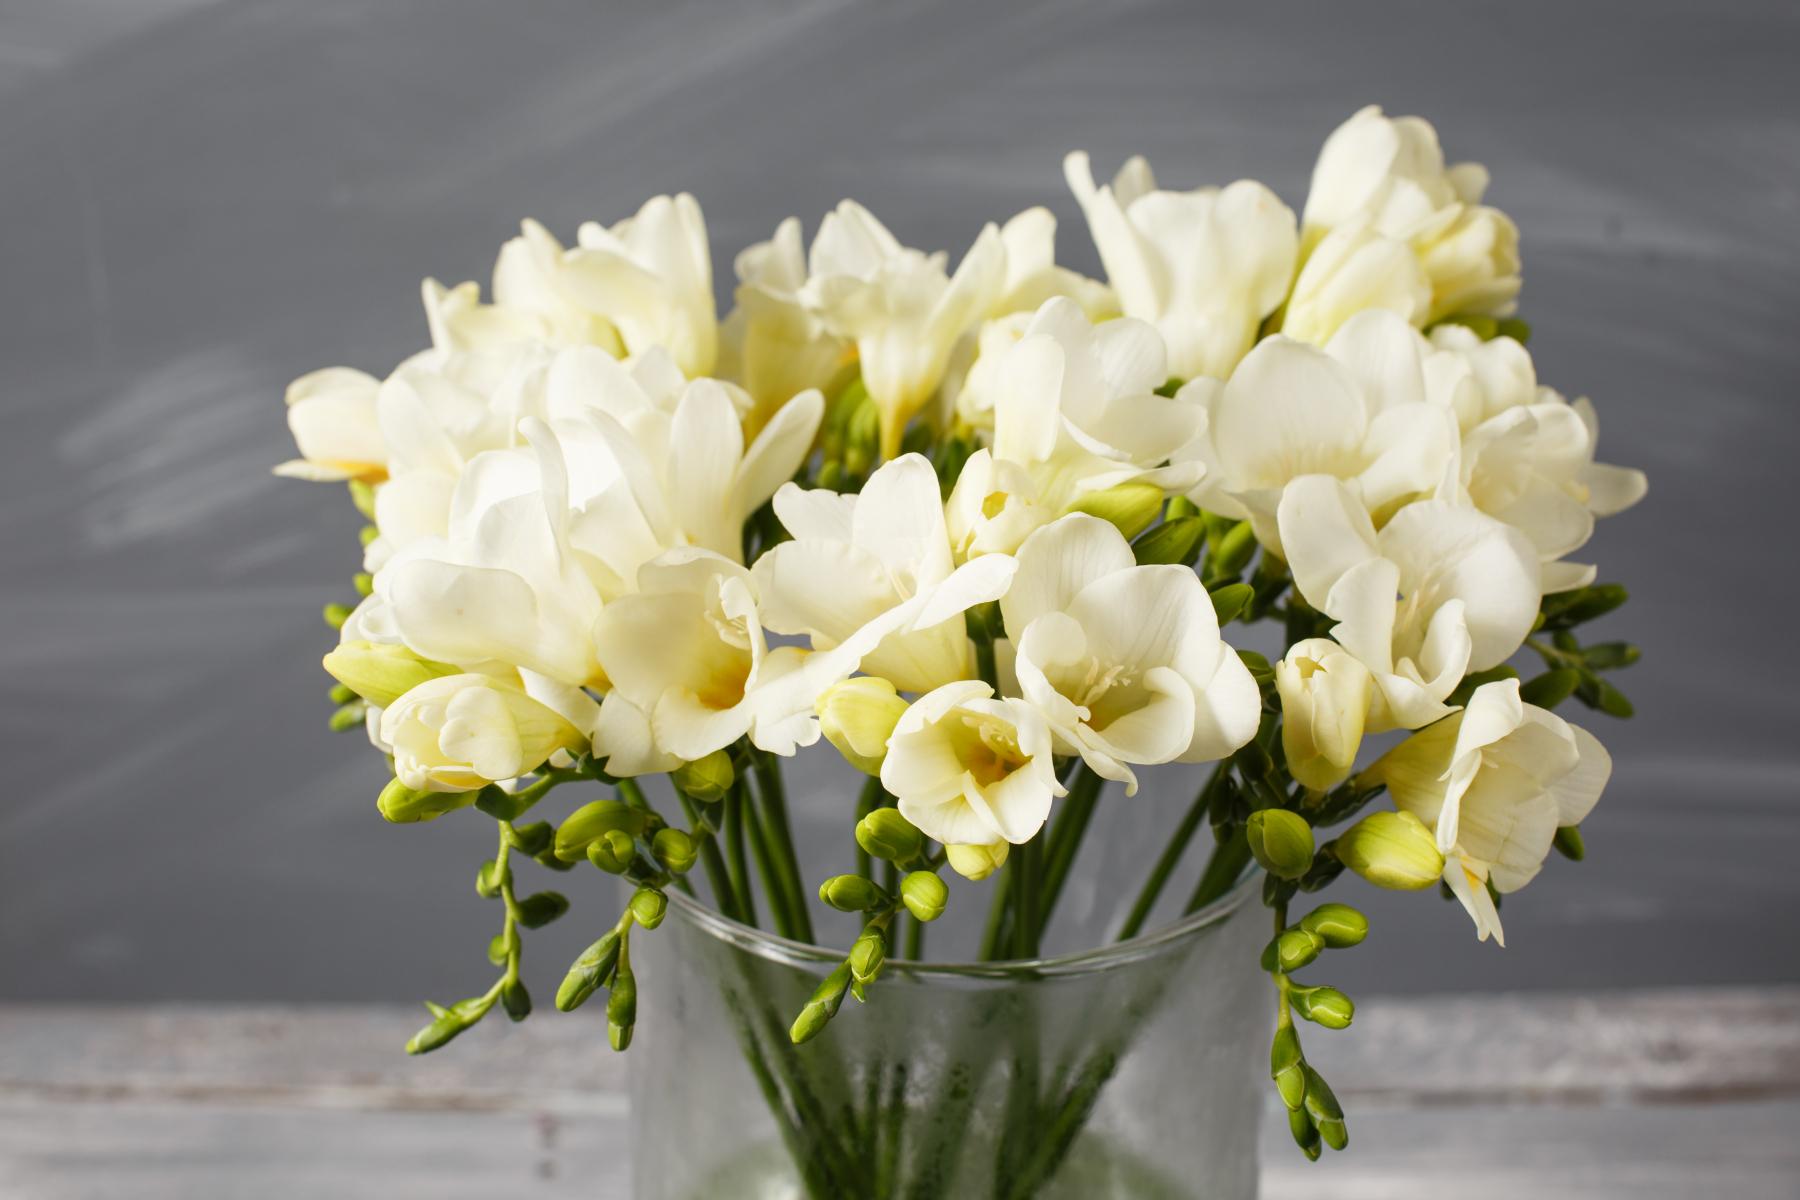 Hvitgule blomster på grønn stilk i vase